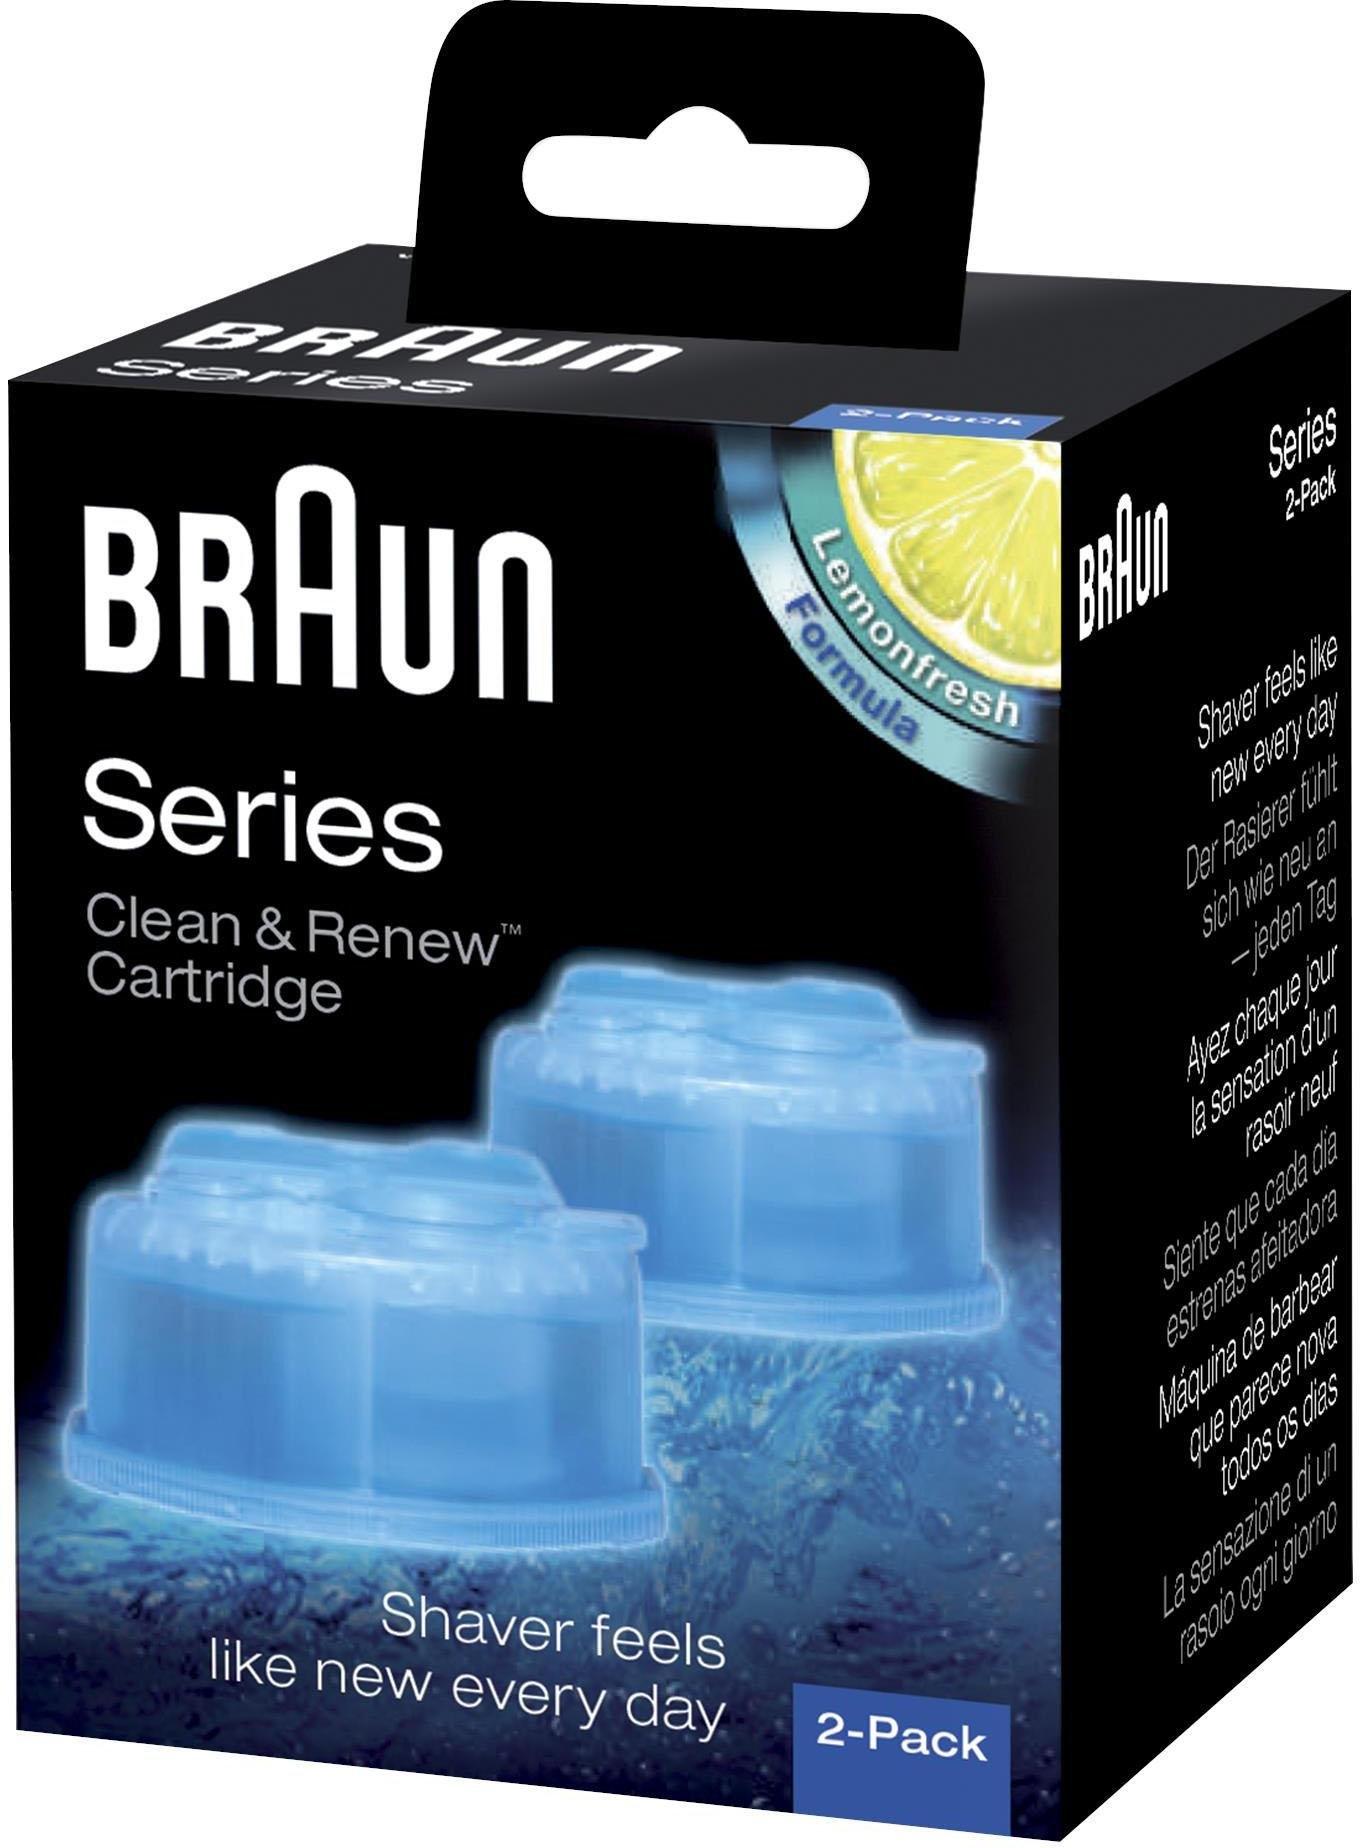 Braun Reserveverpakking, 'Clean & Renew' in de webshop van OTTO kopen